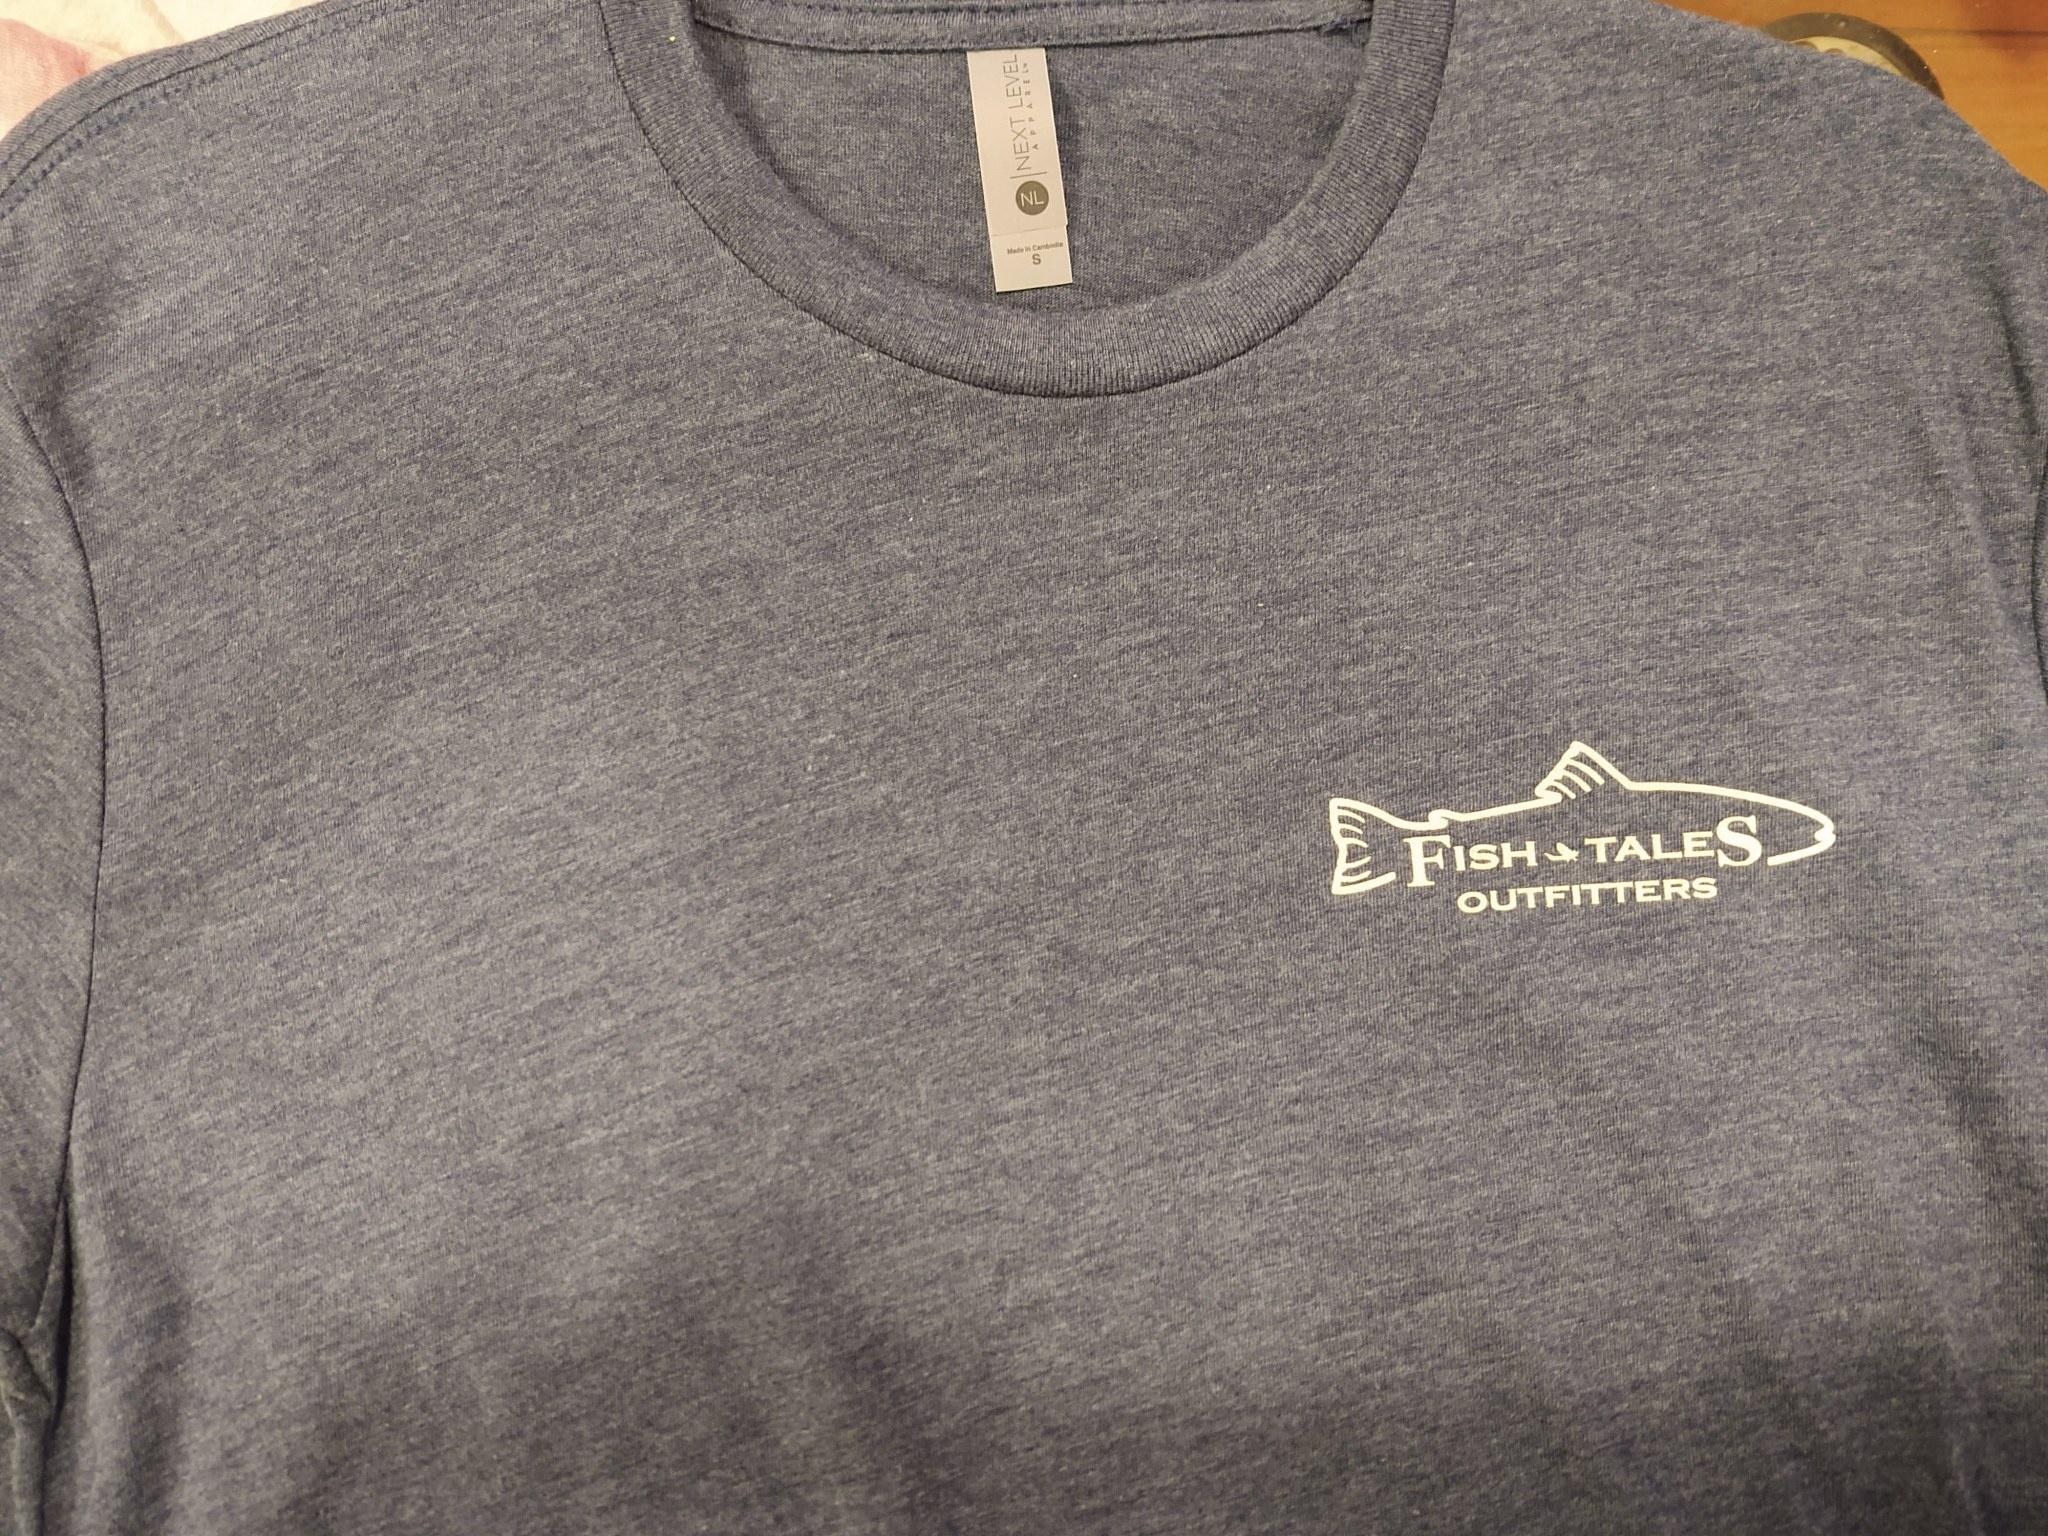 Fish Tales Fish Tales Shirt - Short Sleeve  - Front and Back Logo - Indigo